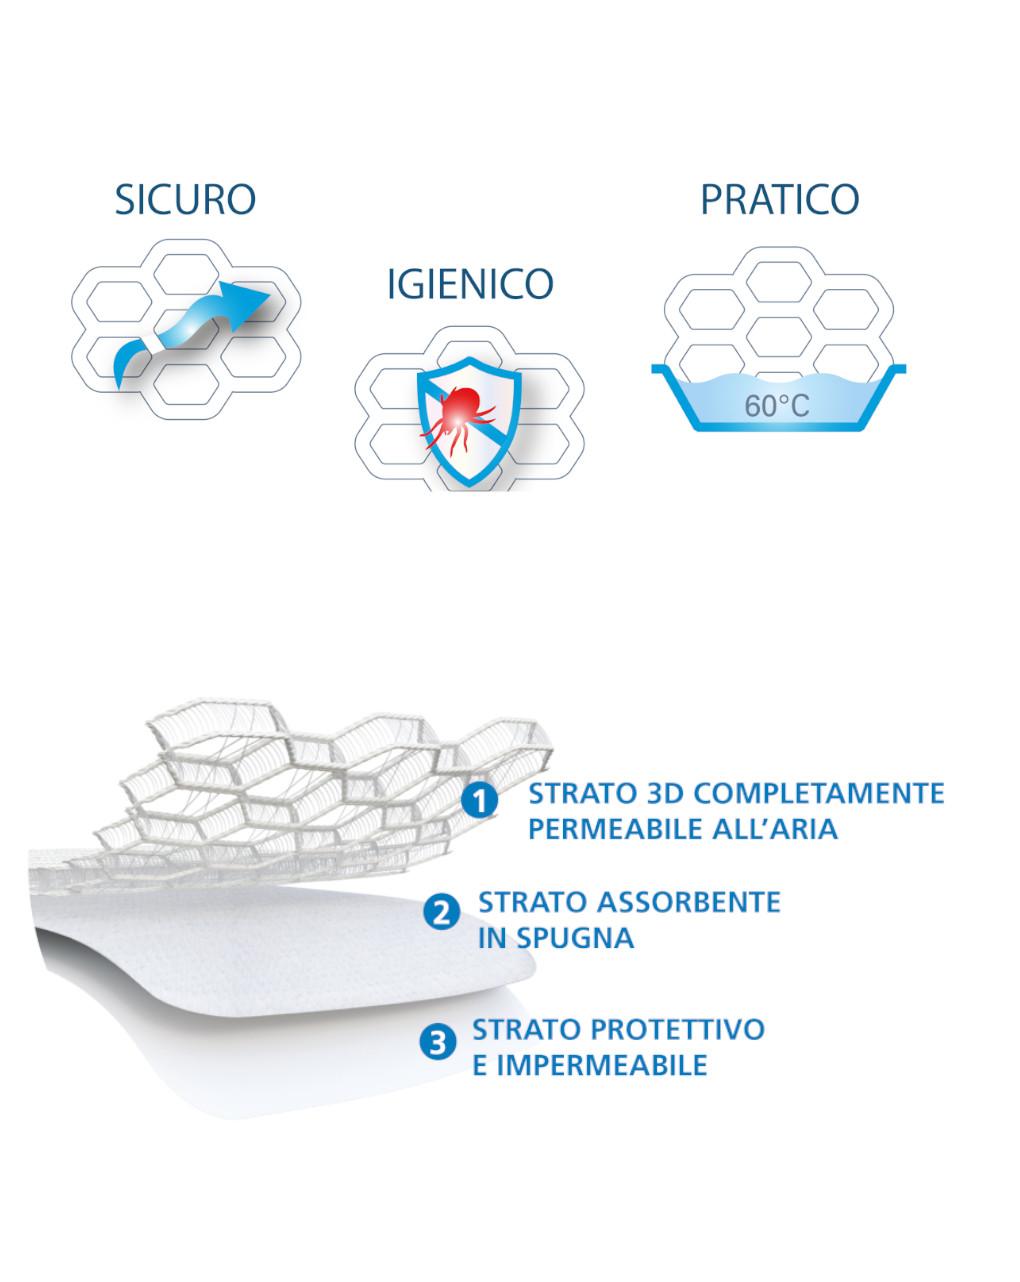 Colchão combinado maxi safe + capa de colchão respirável de 3 camadas superior segura 48x76 cm - AirCuddle